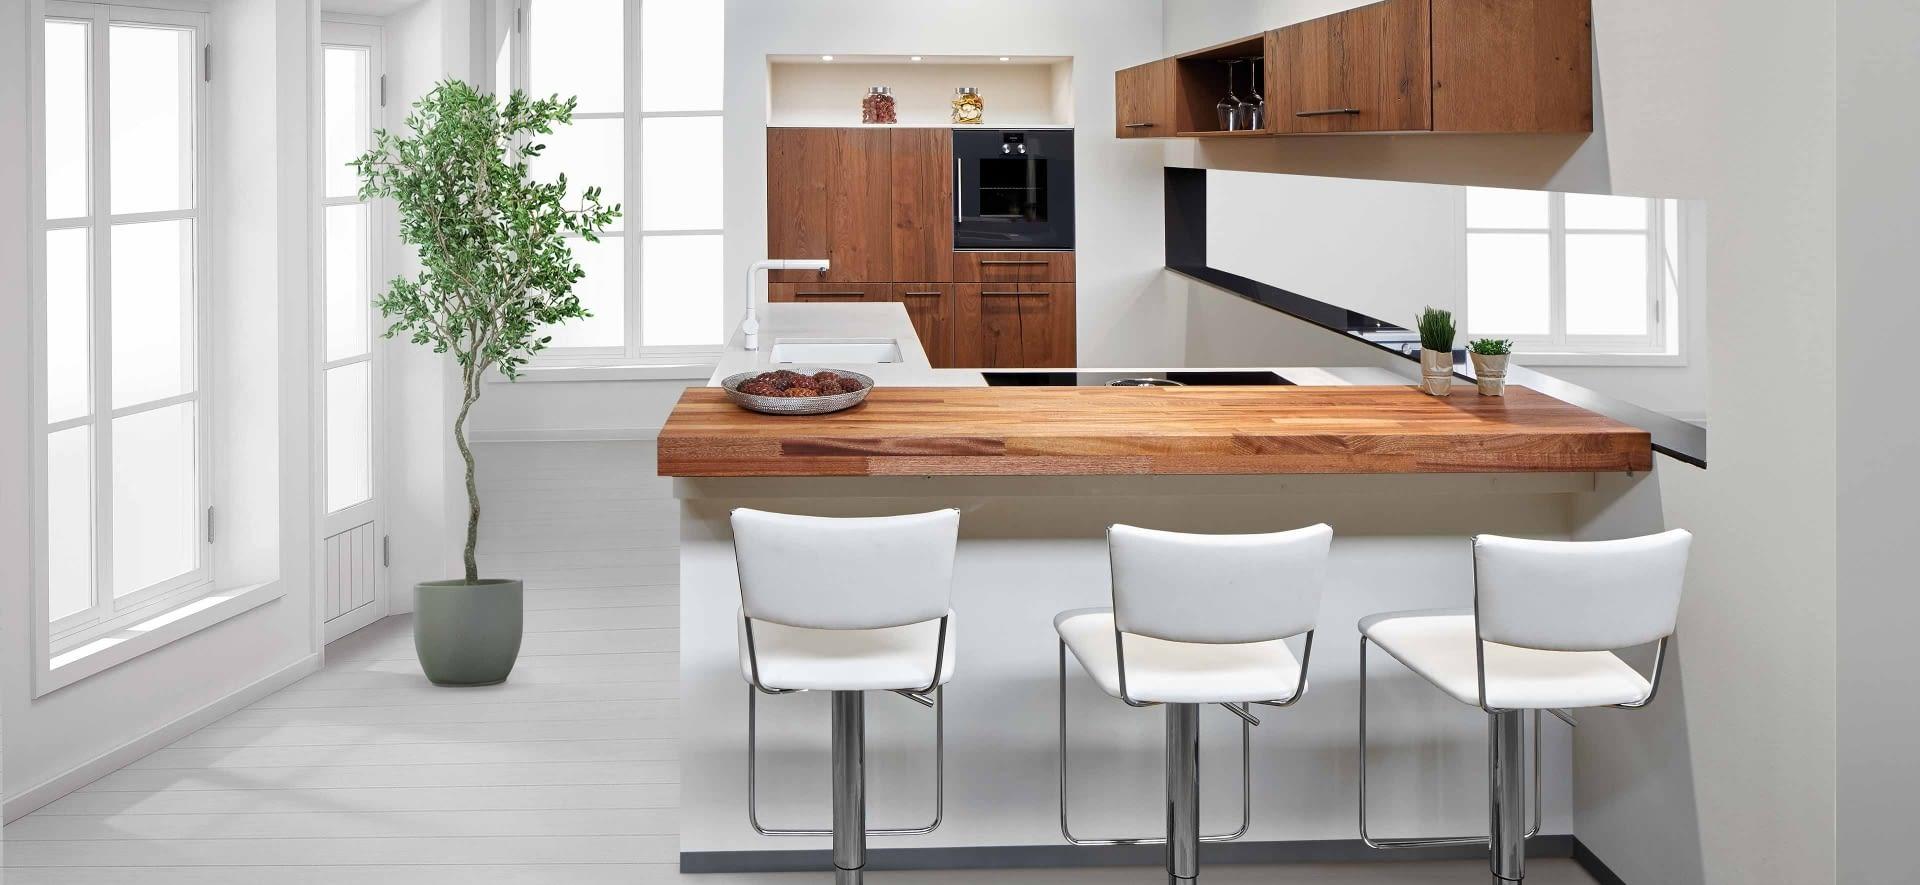 Fabulous Küche im skandinavischen Stil - Marquardt Küchen RM91